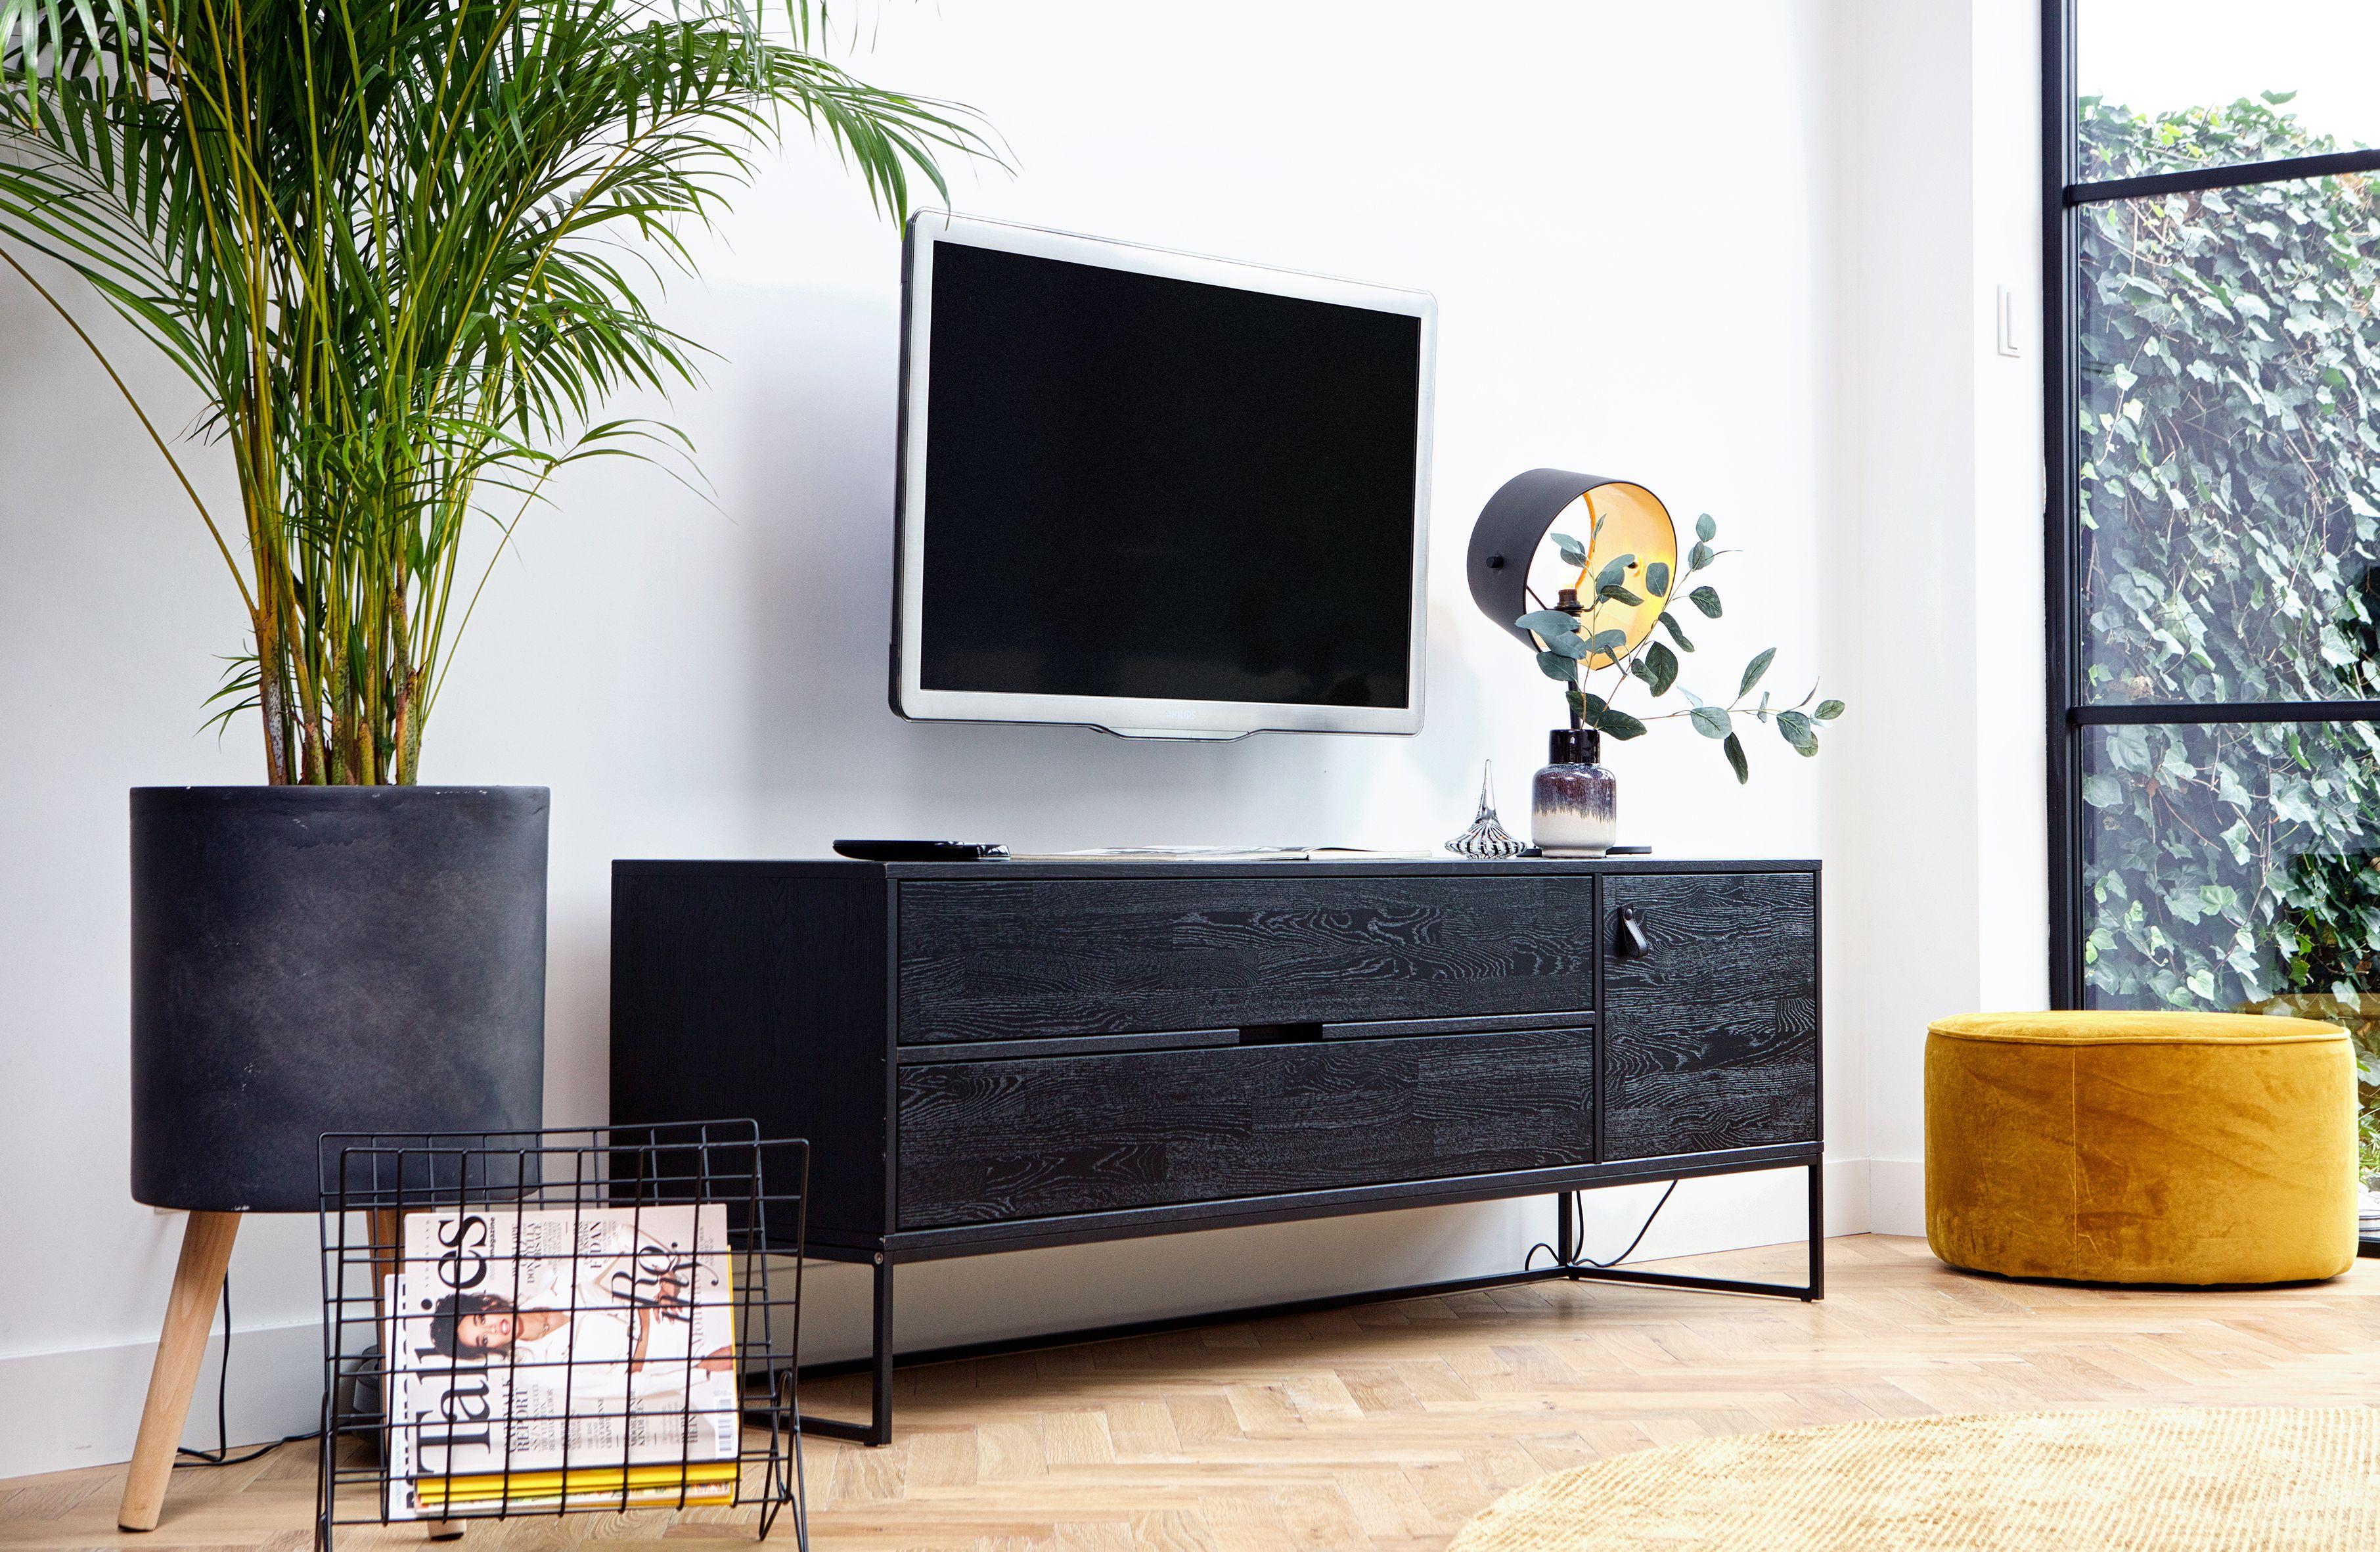 Modern Tv Meubel Zwart.Decoratief Tv Meubel Hout Zwart Op Metalen Onderstel 2 Laden